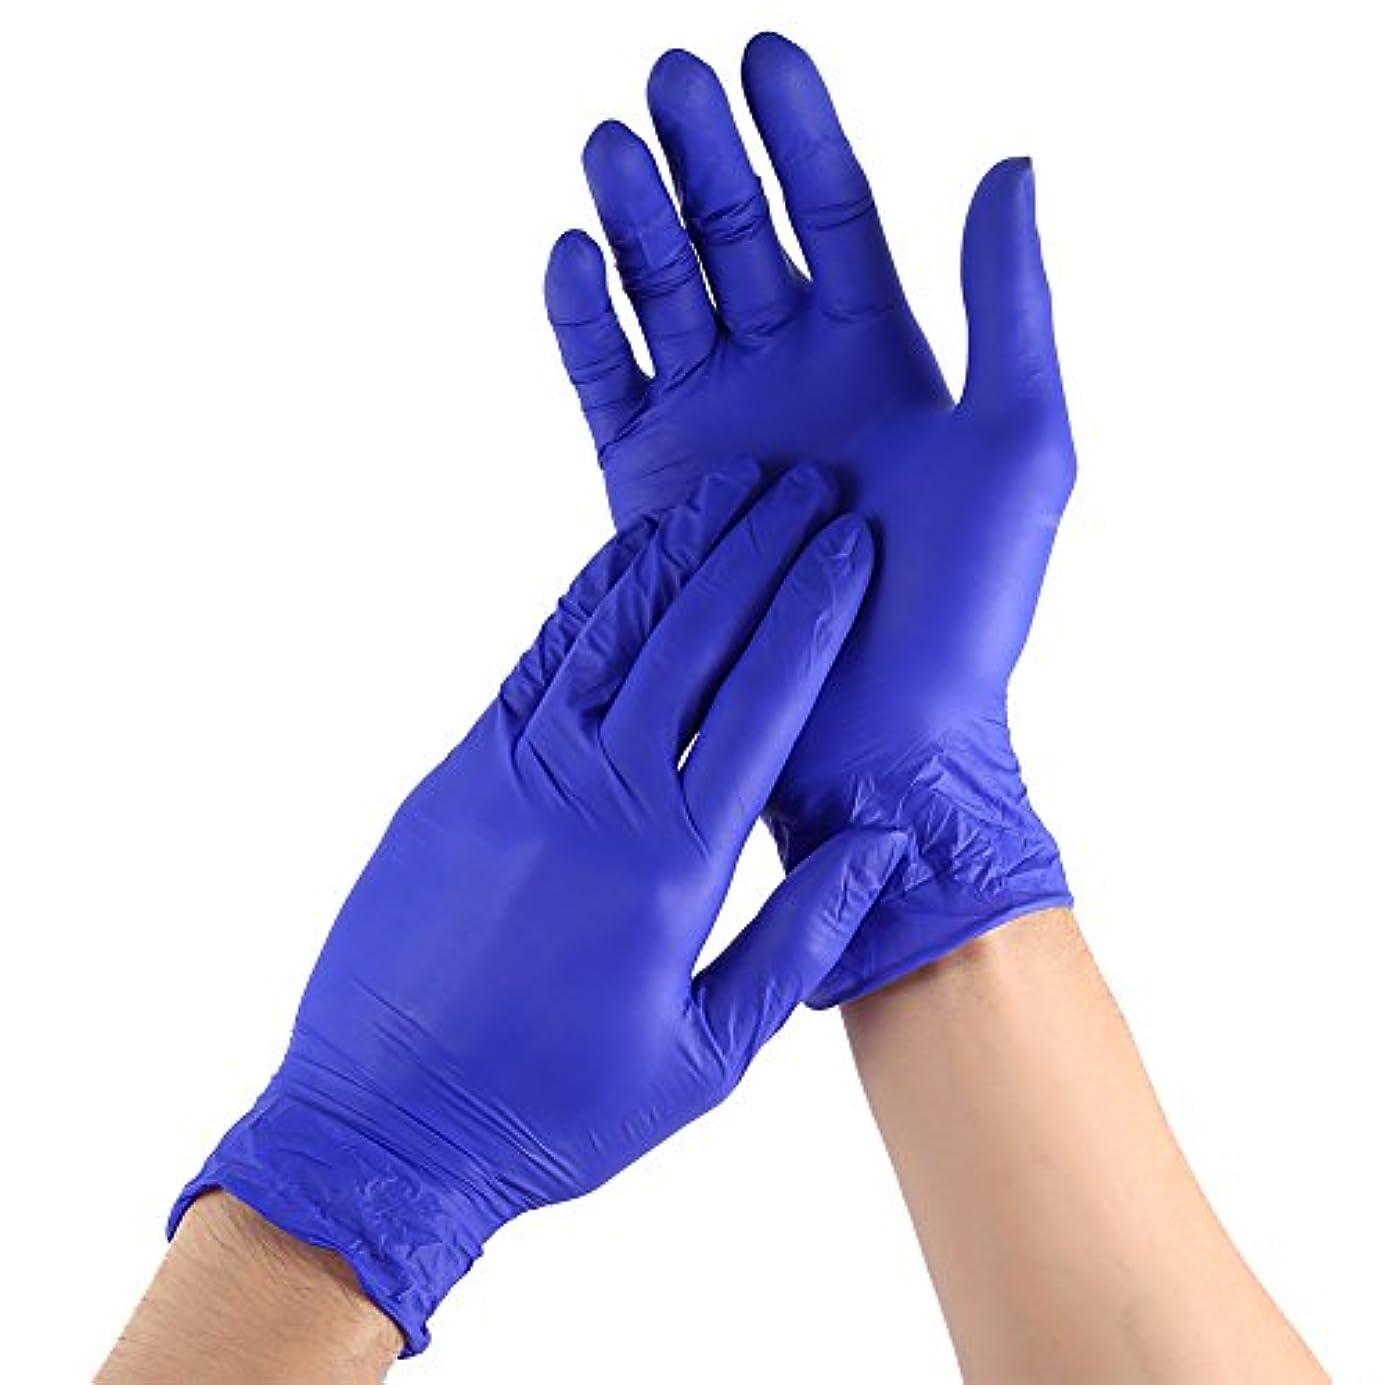 100枚セット 使い捨て手袋 ニトリルゴム手袋 薄い手袋 粉なし 手荒れ防止 メンズ レディース 左右兼用 伸縮性 三つサイズ選択可 作業用 家庭用 仕事 オフィス (S)